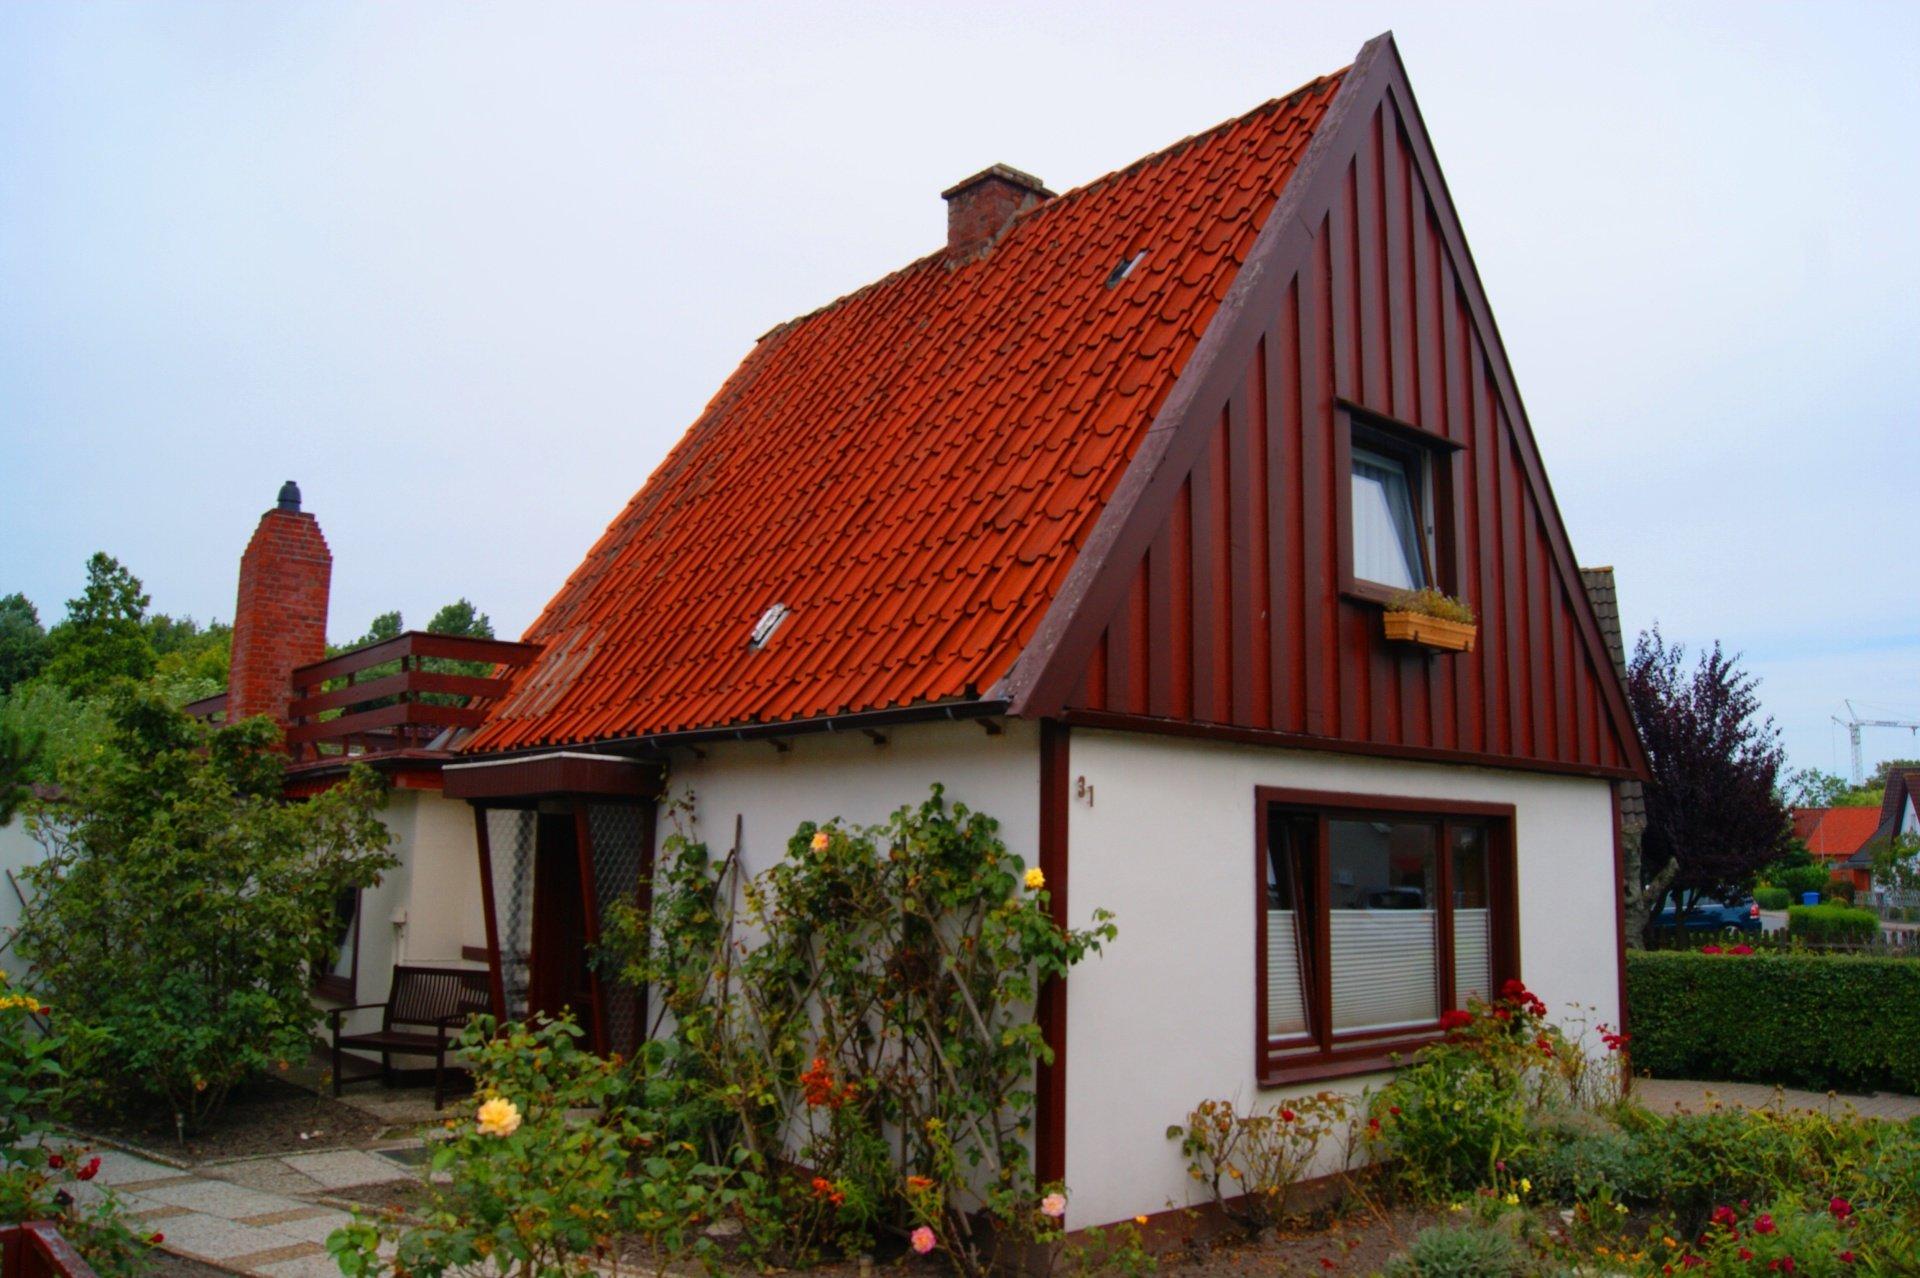 Ferienhaus ferienwohnung an der nordsee b sum privat for Ferienhaus nordsee privat